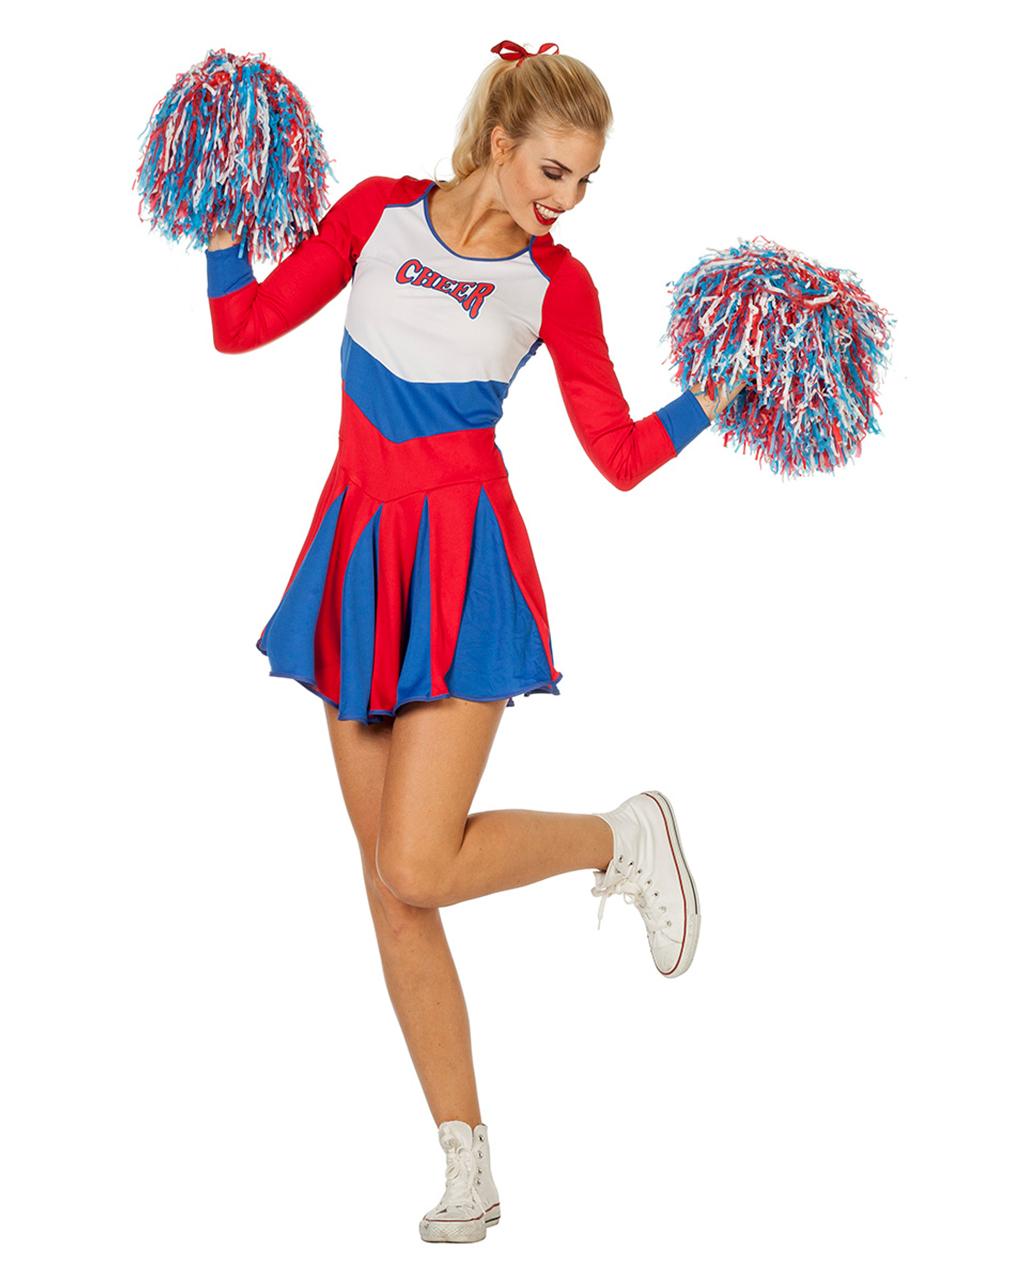 Damen Kostüm Cheerleader Karneval Fasching WIL